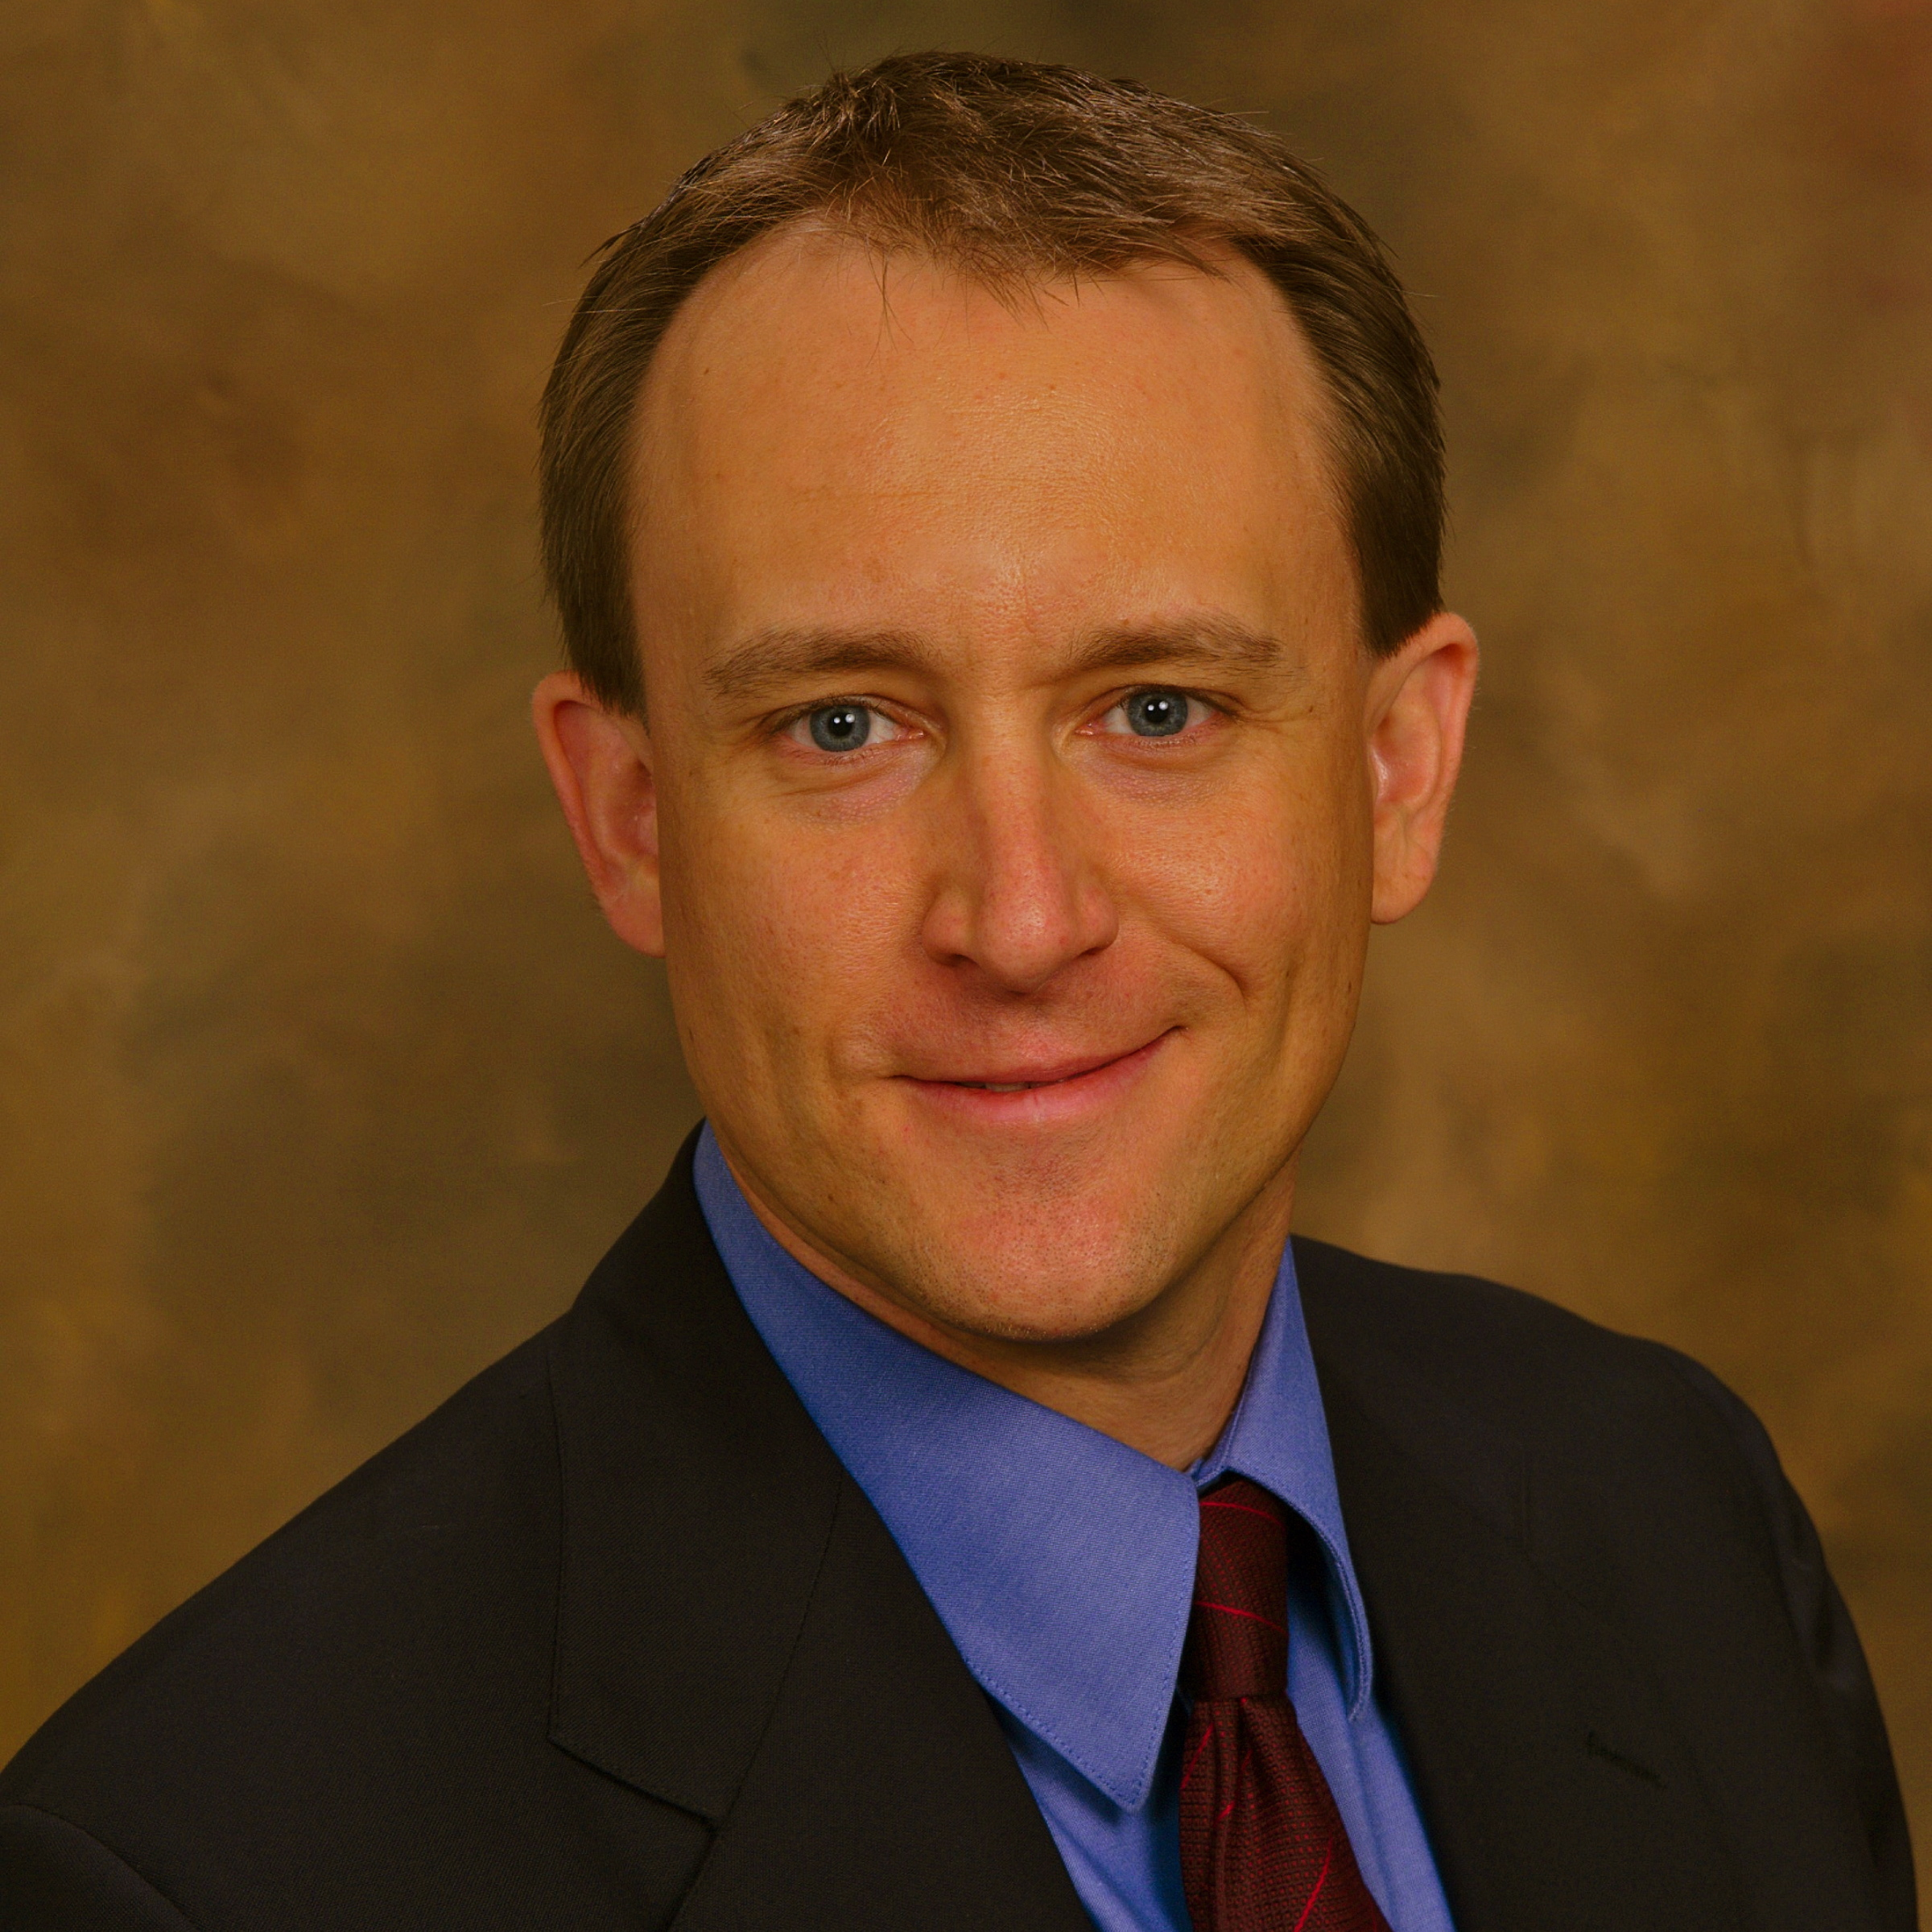 Mathew Coyle